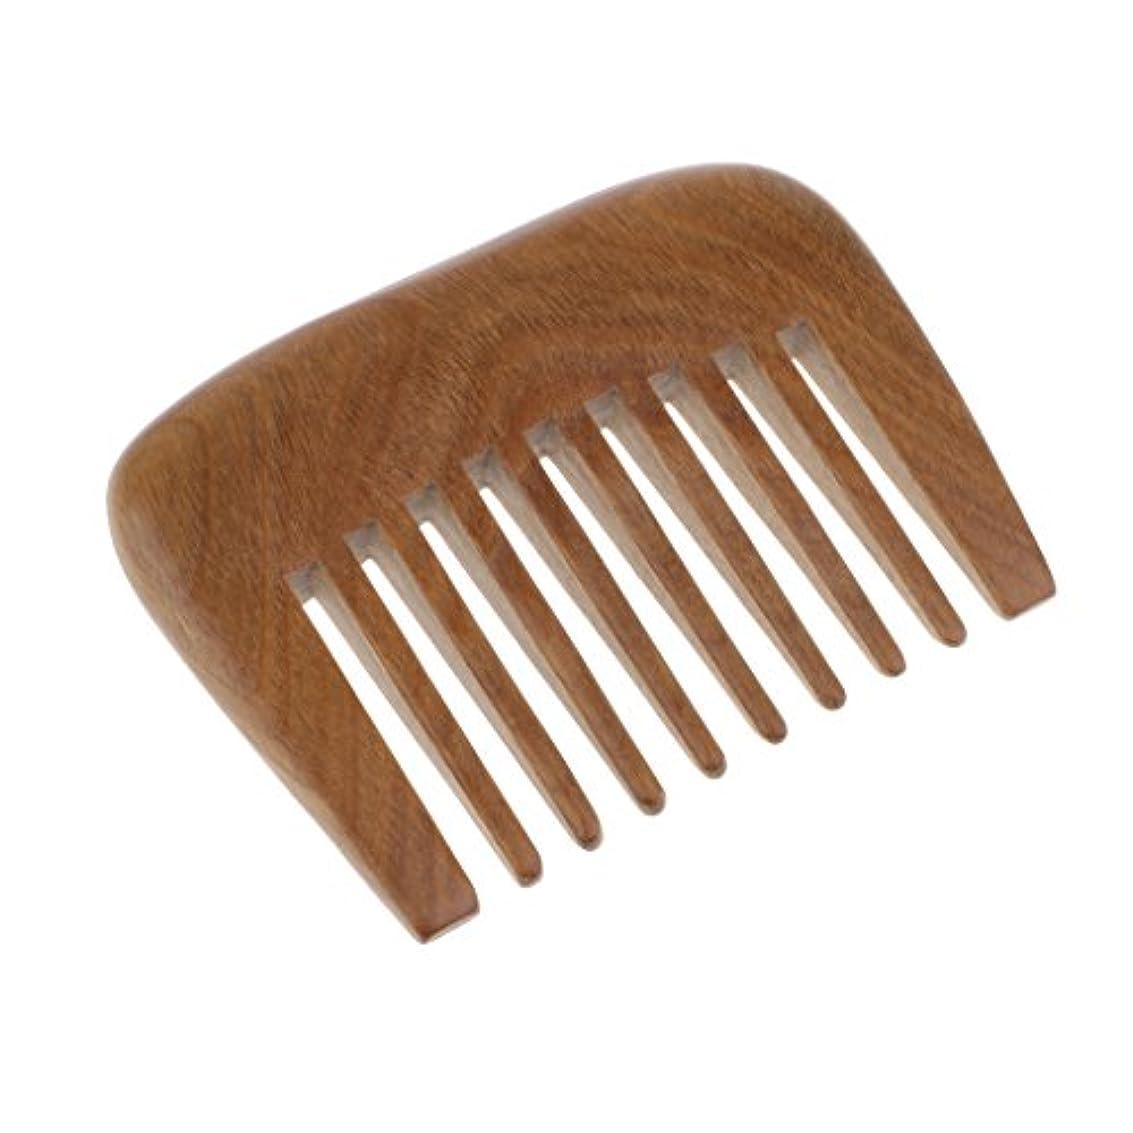 起きろソフトウェア時折木の櫛ひげの櫛の広い歯の櫛のハンドメイドのビャクダンのポケット櫛